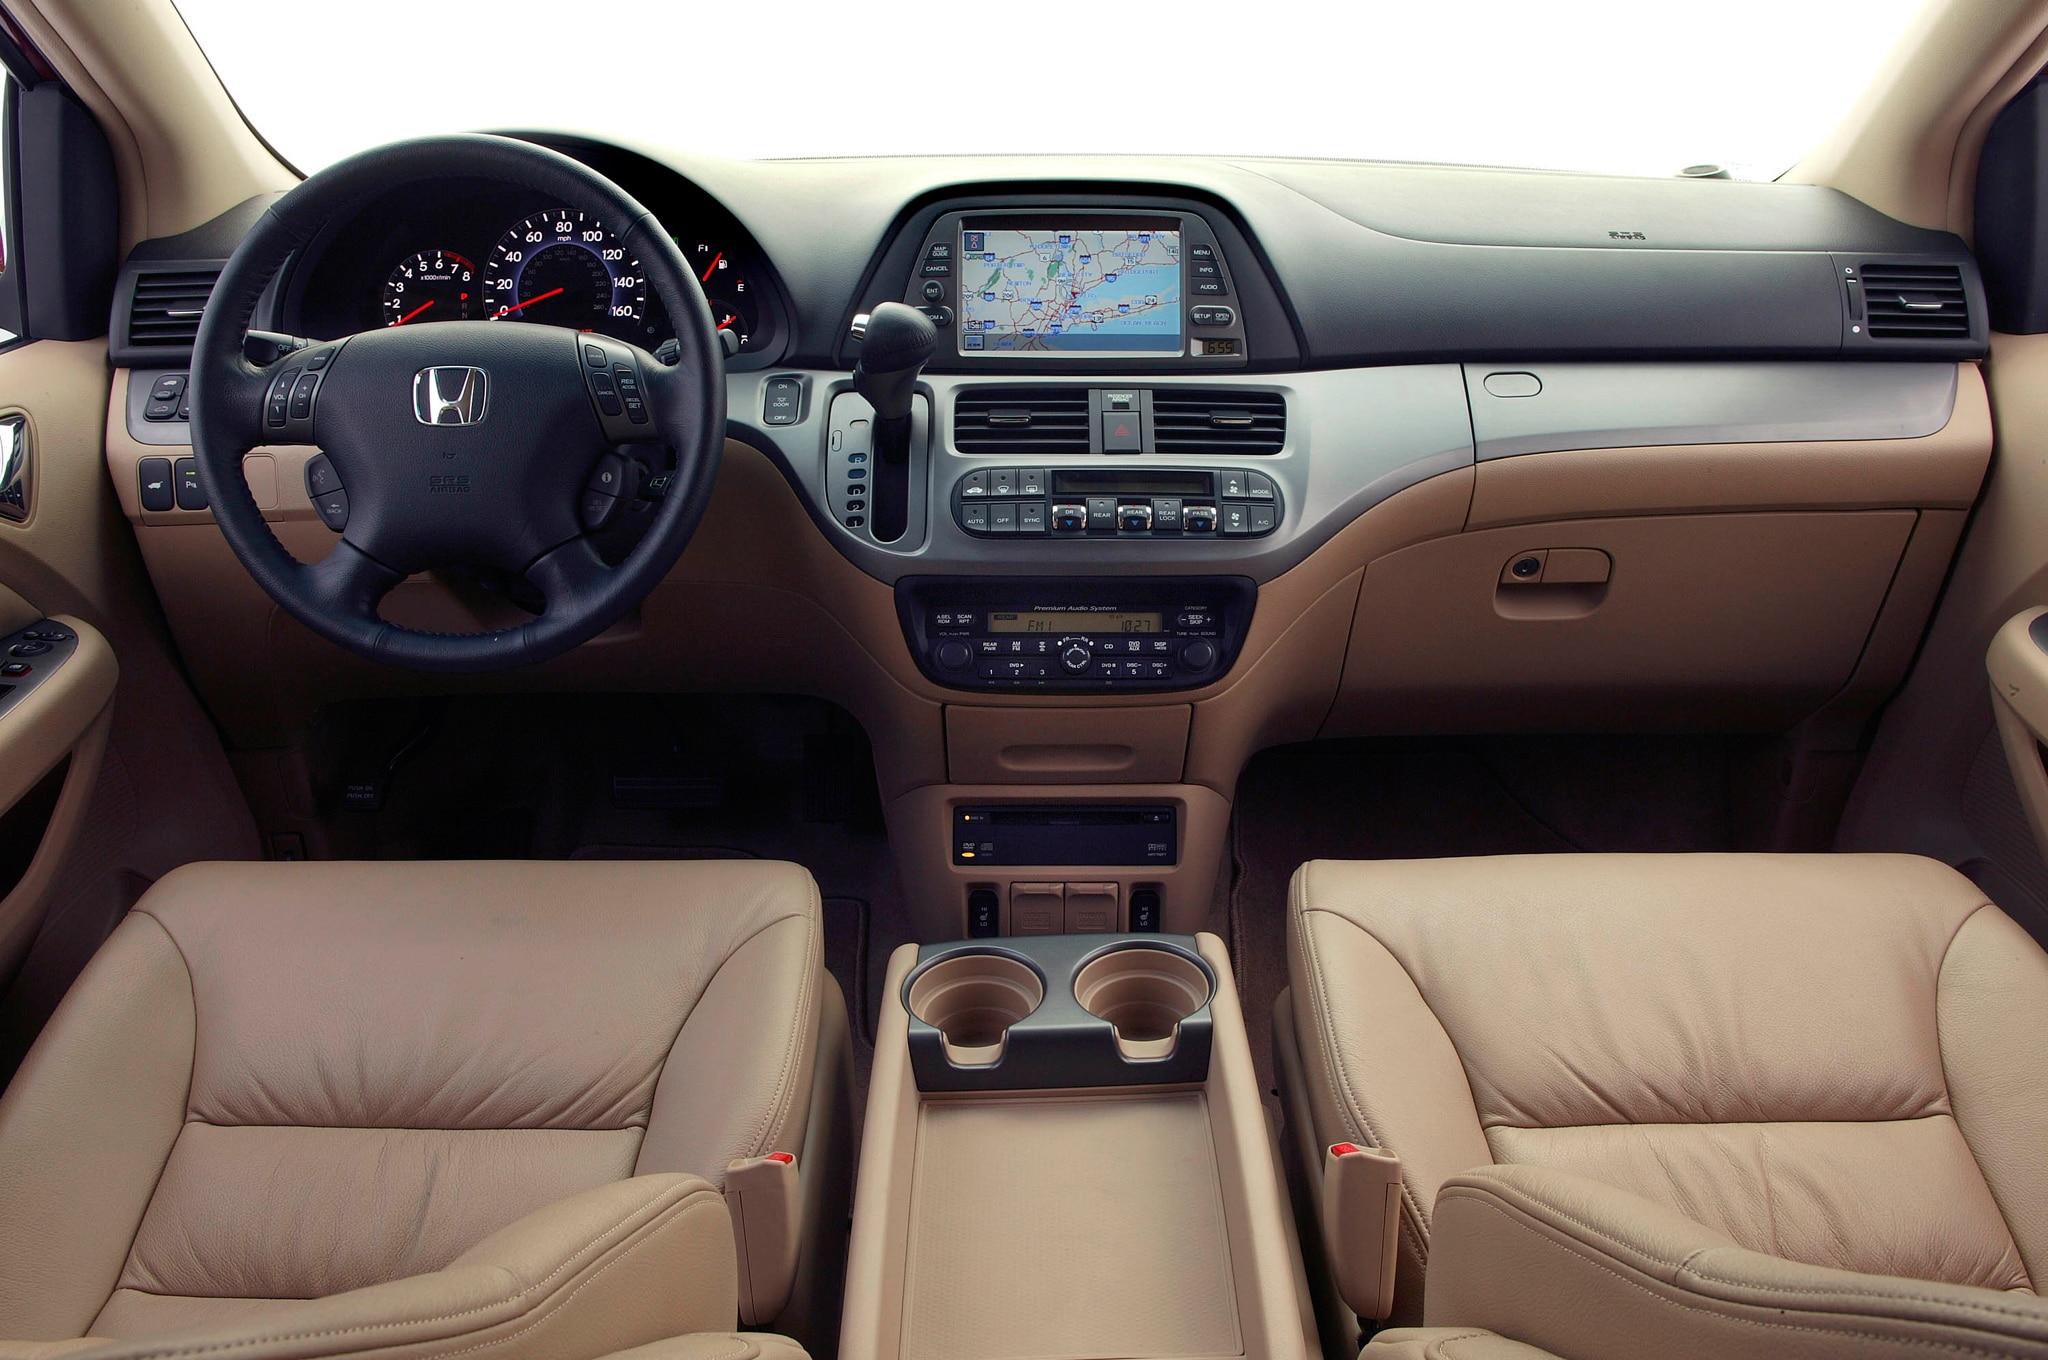 2007 2008 Honda Odyssey Vans Recalled For Unintended Braking